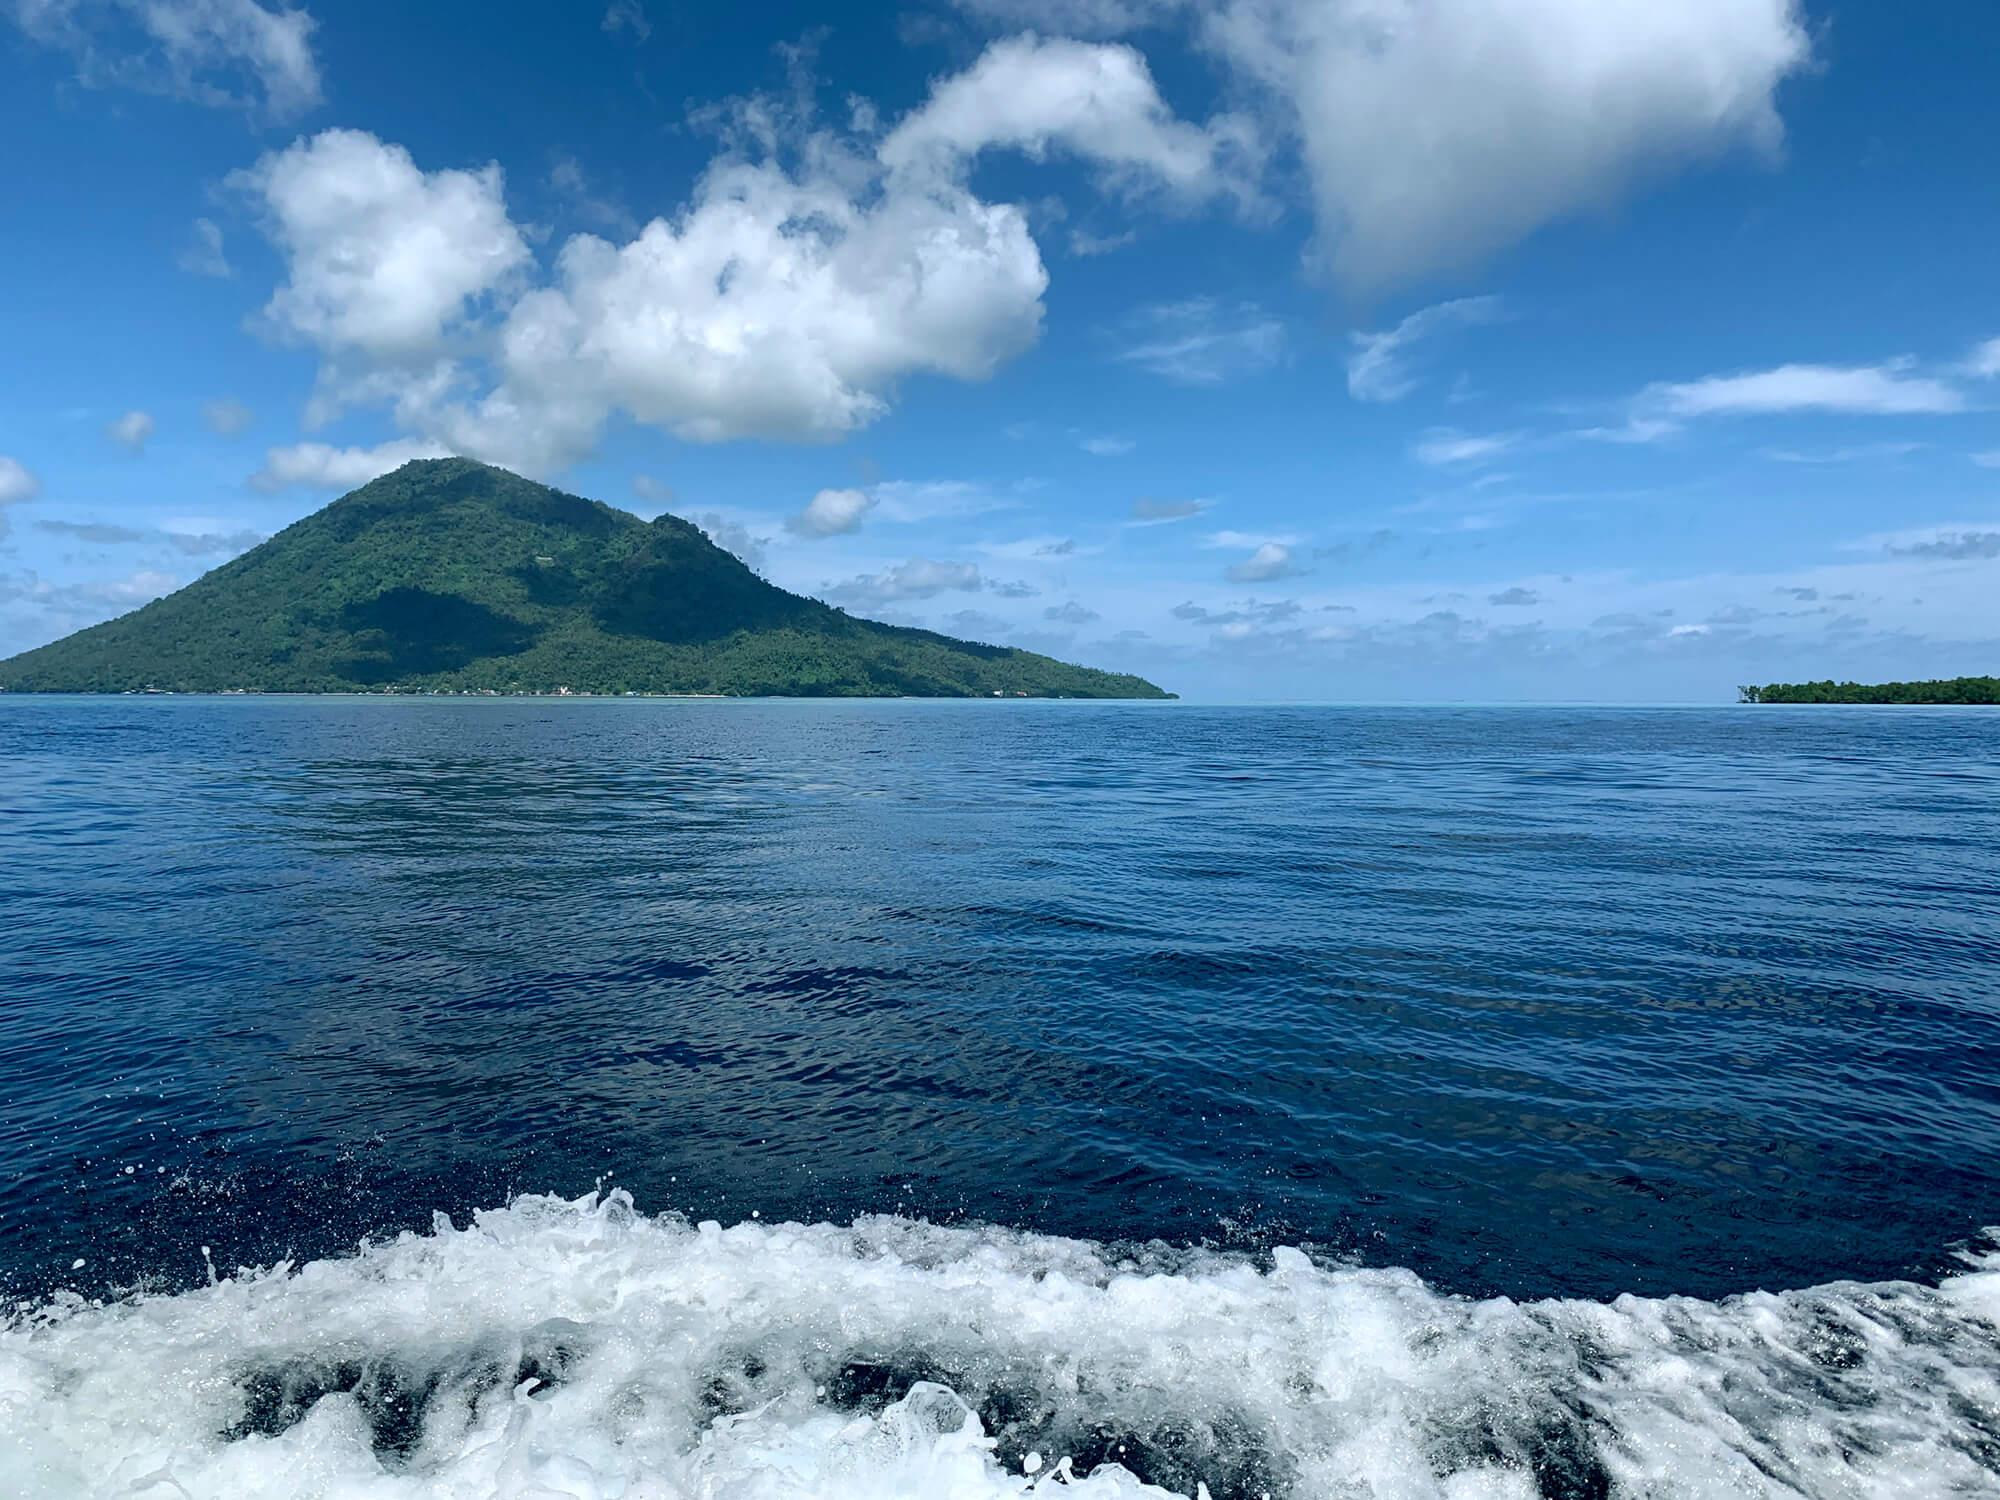 Manado Tua en el horizonte del Parque Marino de Bunaken en Sulawesi